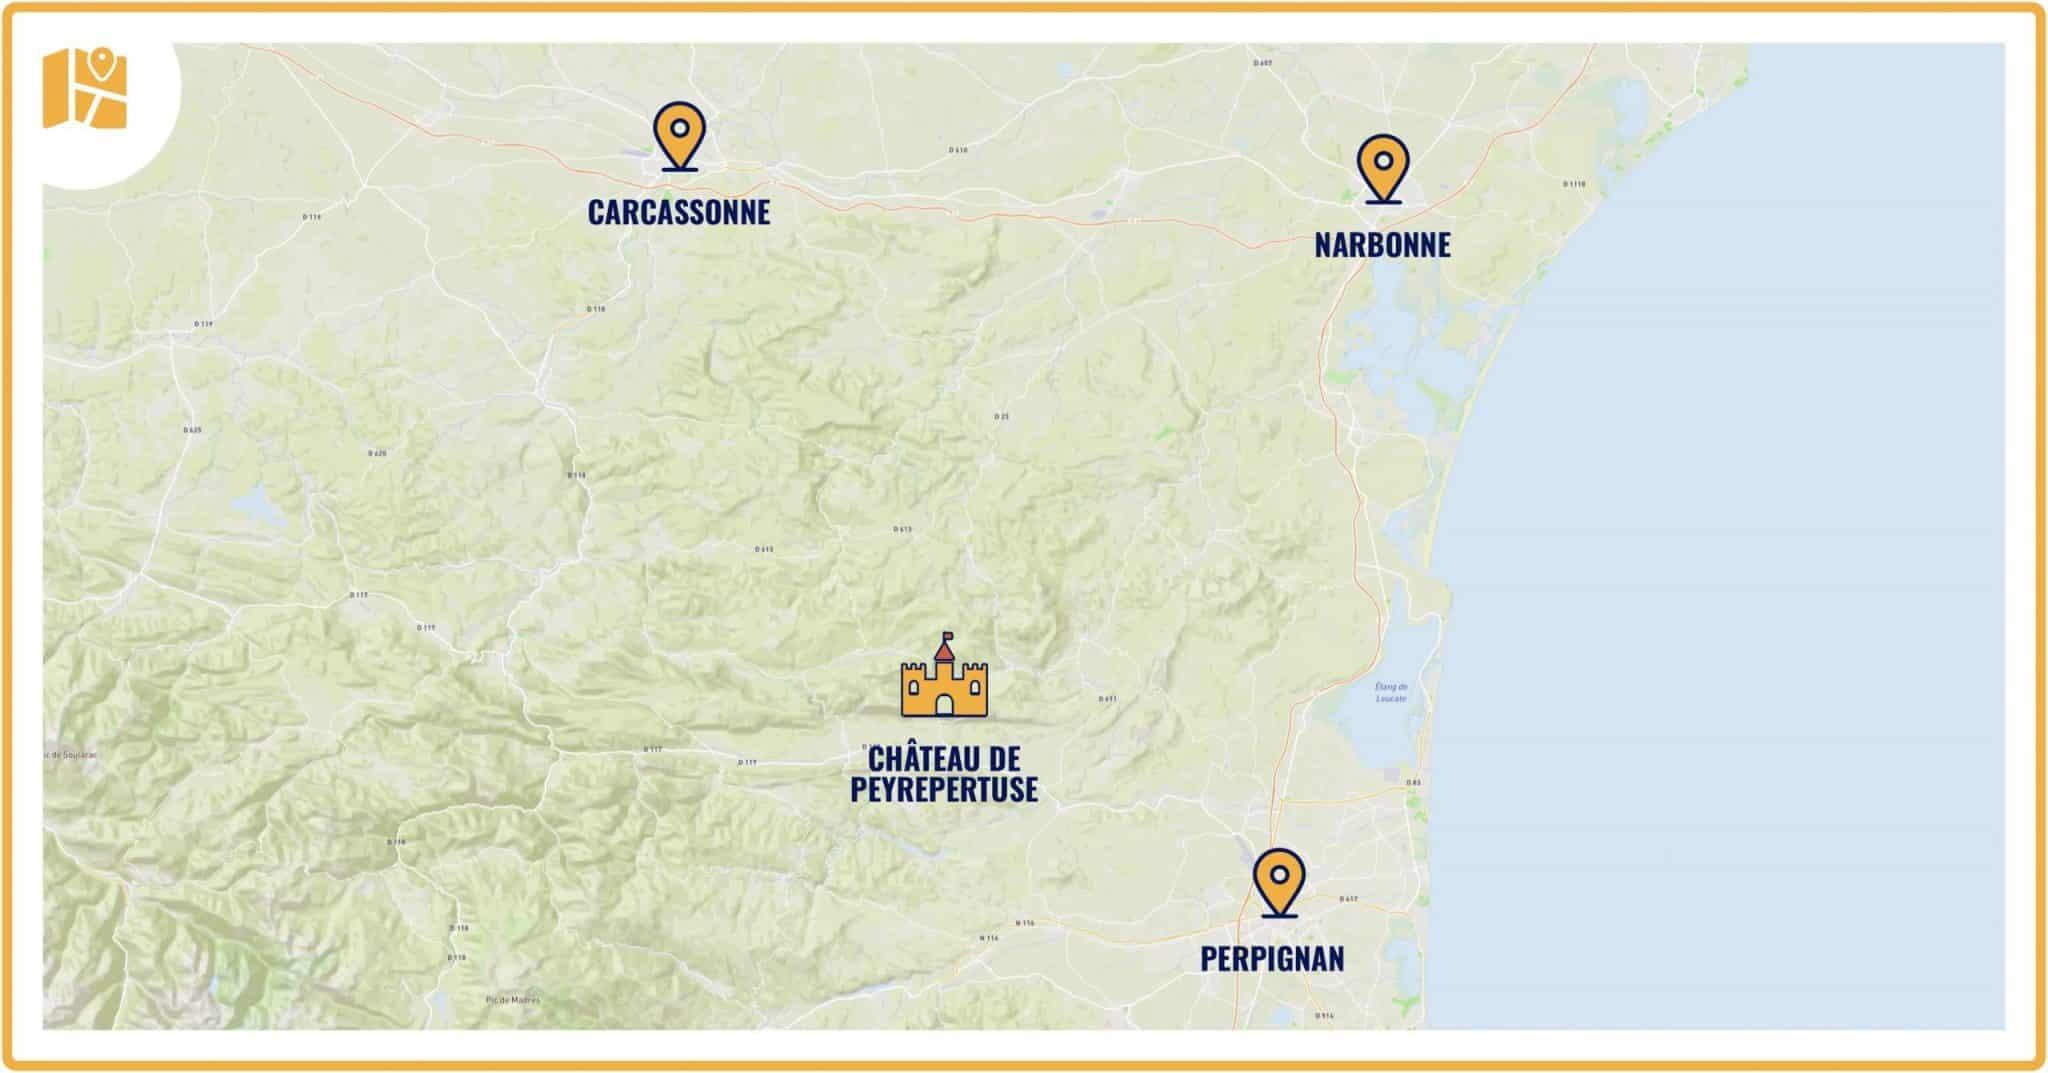 Carte situant le château de Peyrepertuse par rapport aux grandes villes d'Occitanie